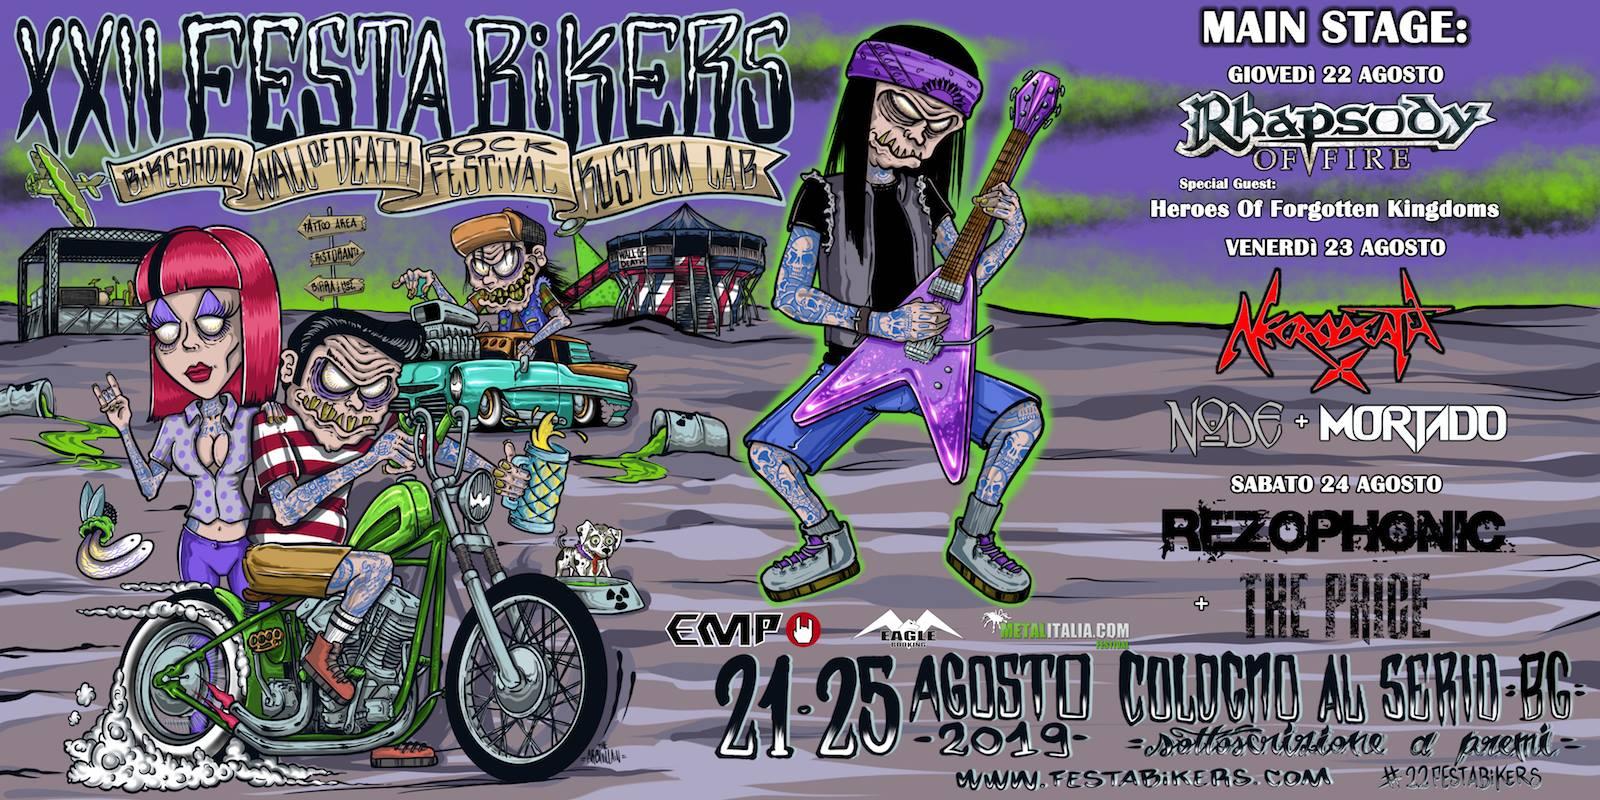 Festa Bikers 2019 Cologno al Serio – Bergamo